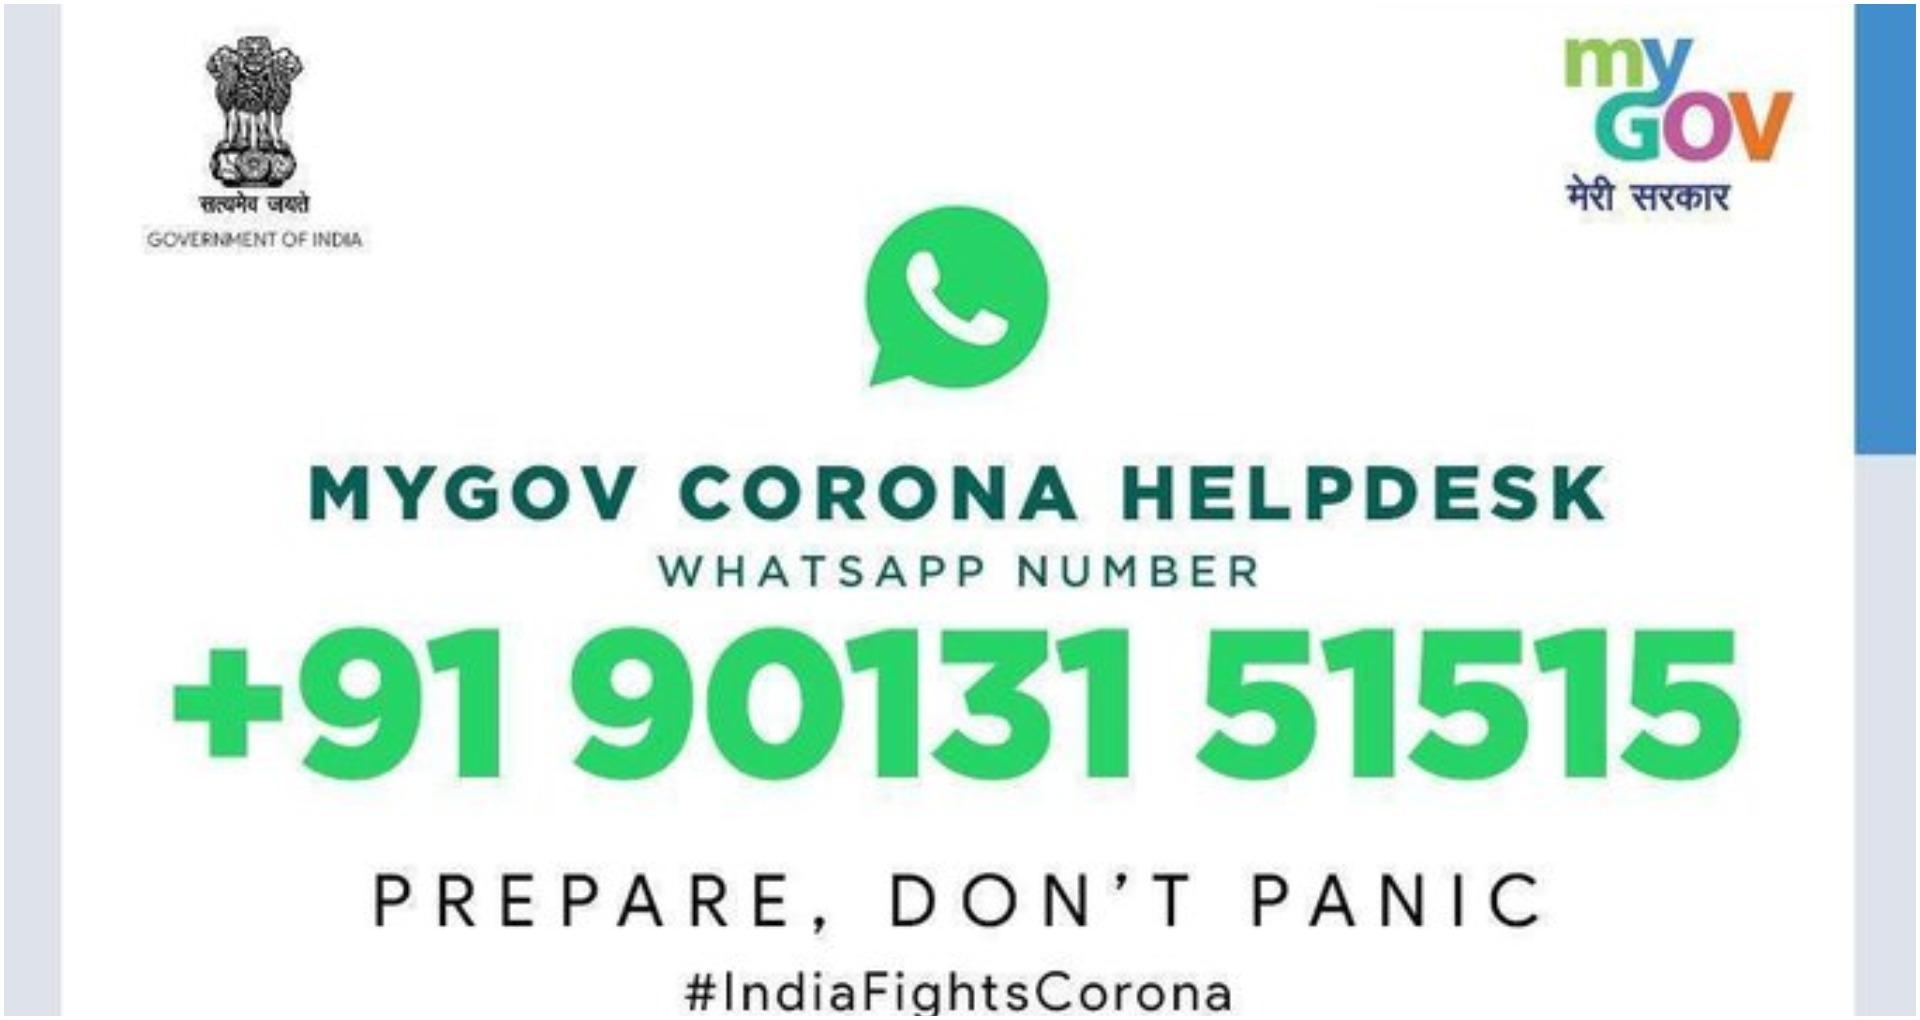 Covid 19: कोरोना वायरस के लिए भारत सरकार ने व्हाट्स एप चैटबॉट और नेशनल हेल्पलाइन नंबर किया लॉन्च, पढ़ें रिपोर्ट